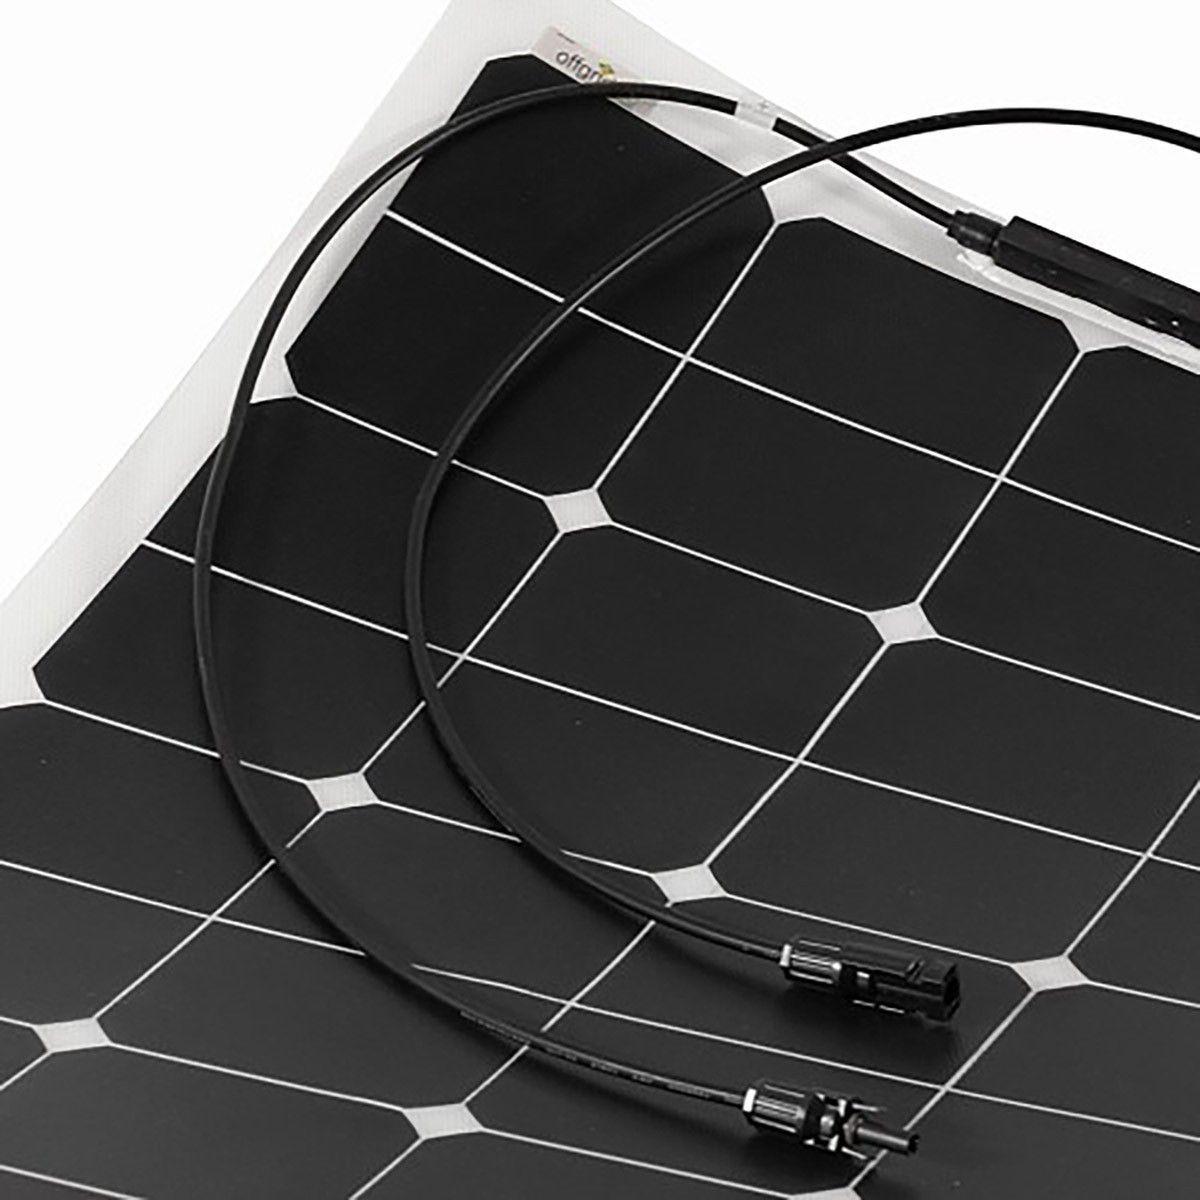 panneau solaire 150w souple semi flexible cellules sunpower etfe. Black Bedroom Furniture Sets. Home Design Ideas